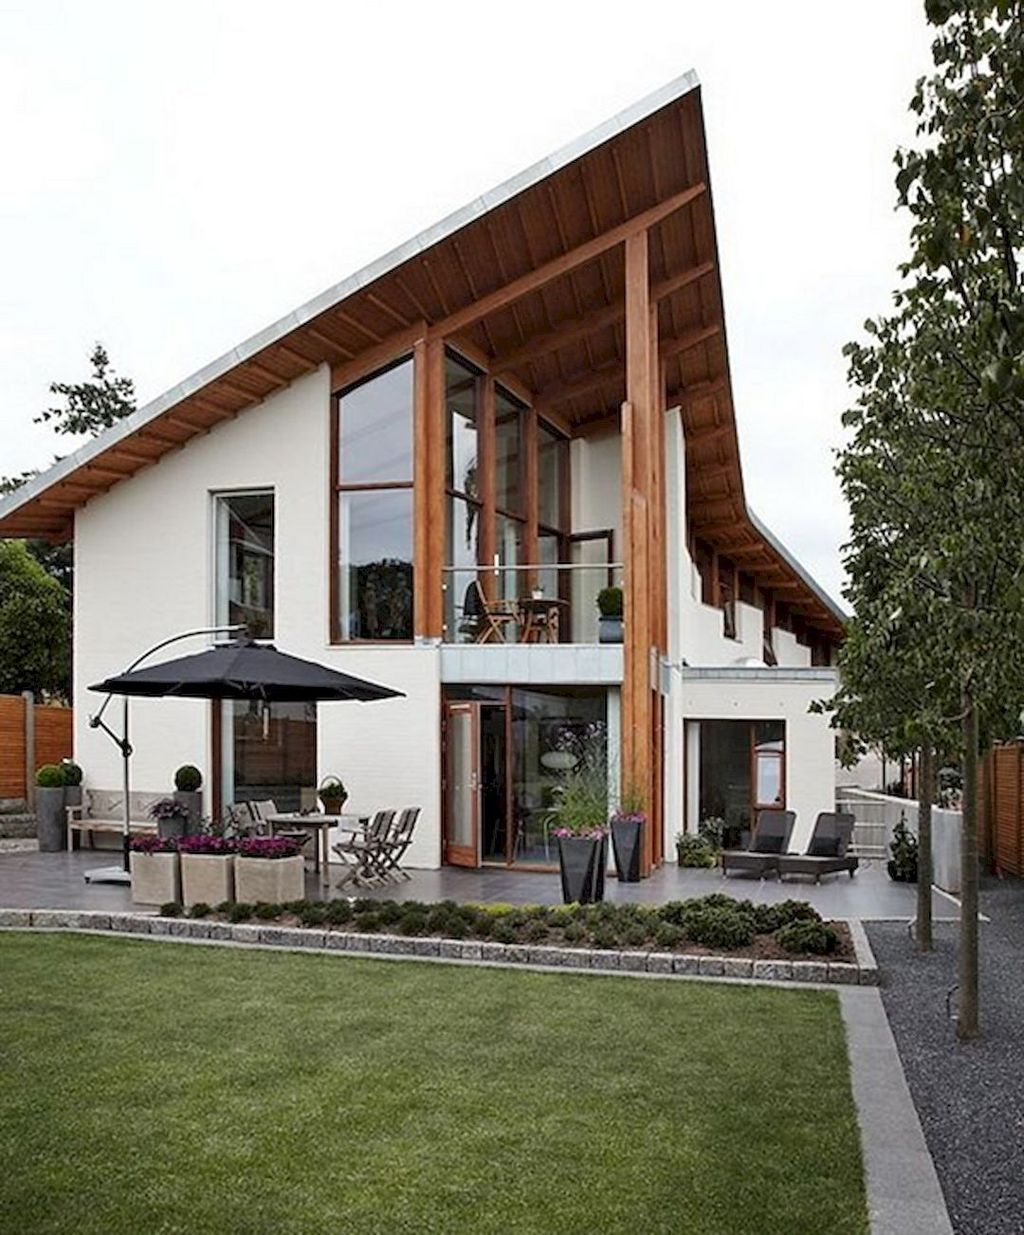 The Best Modern Roof Design Ideas 03